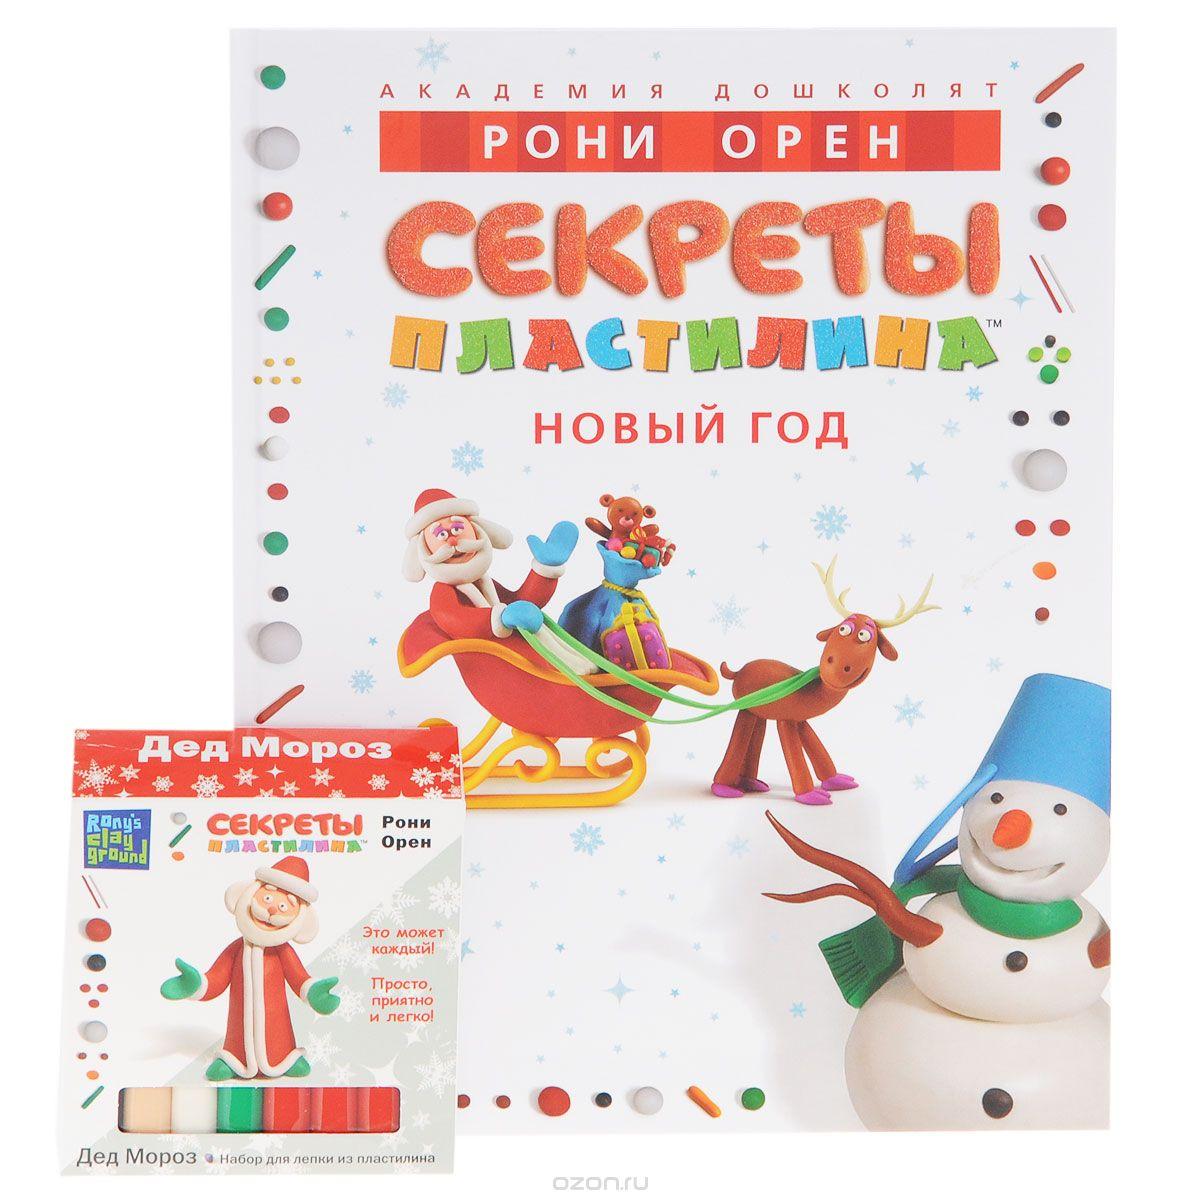 Подарки к новому году в детском саду